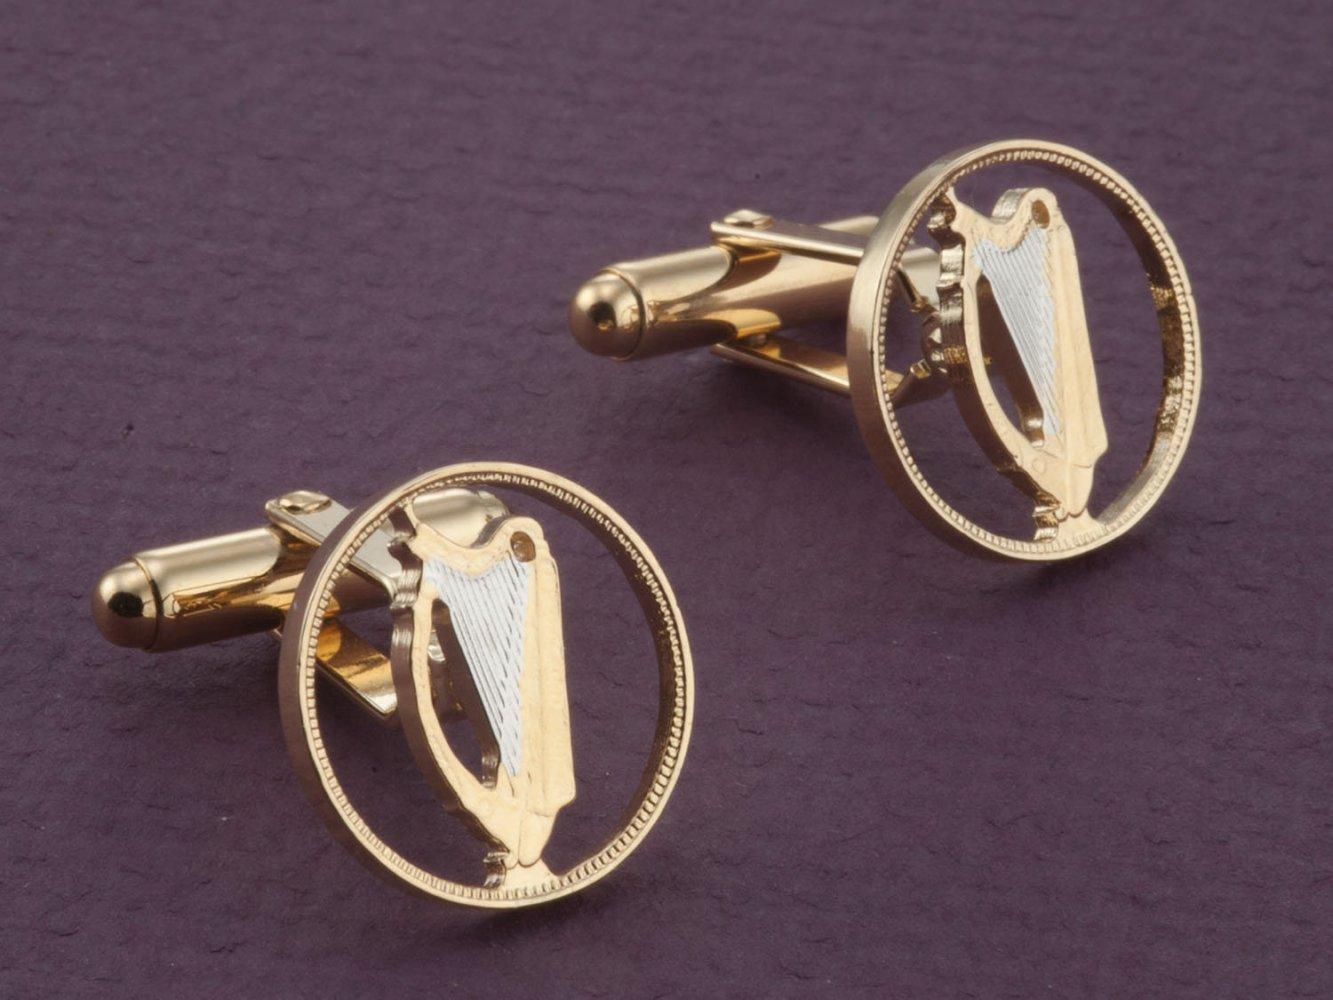 The Difference   Irish Harp Cuff Links, Irish Harp Jewelry, Irish Coin  Jewelry, Irish Gift Ideas, Mens Jewelry, Mens Cuff Links, Irish Jewelry, (  # 164C )